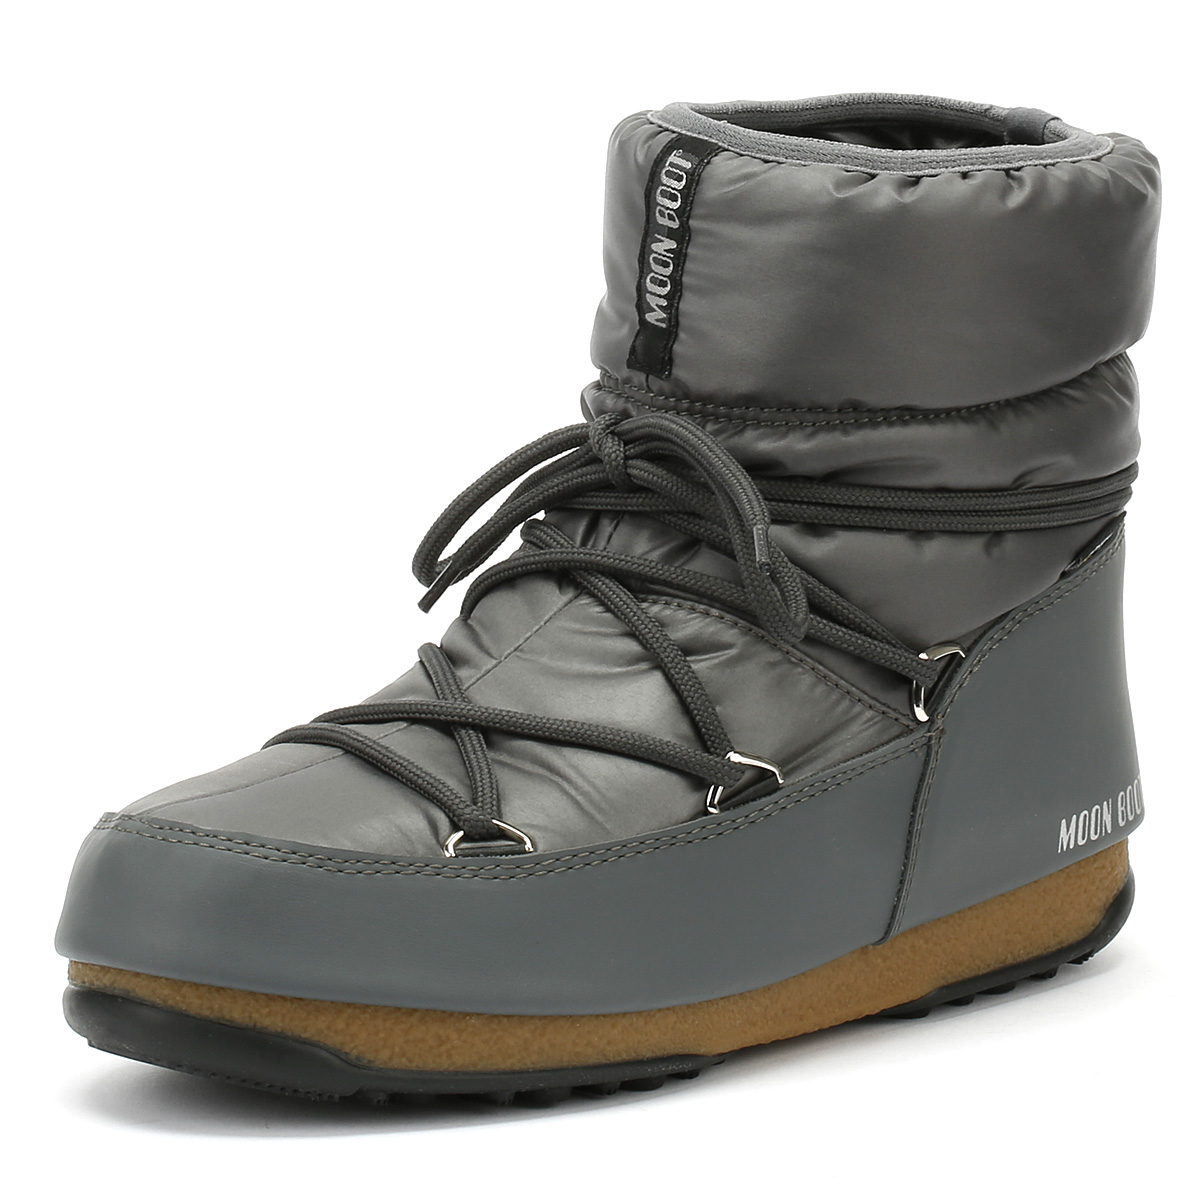 Moon Boot Low Pour Femme Bottes Gris Nylon Hiver Chaud Chaussures Femmes-afficher Le Titre D'origine